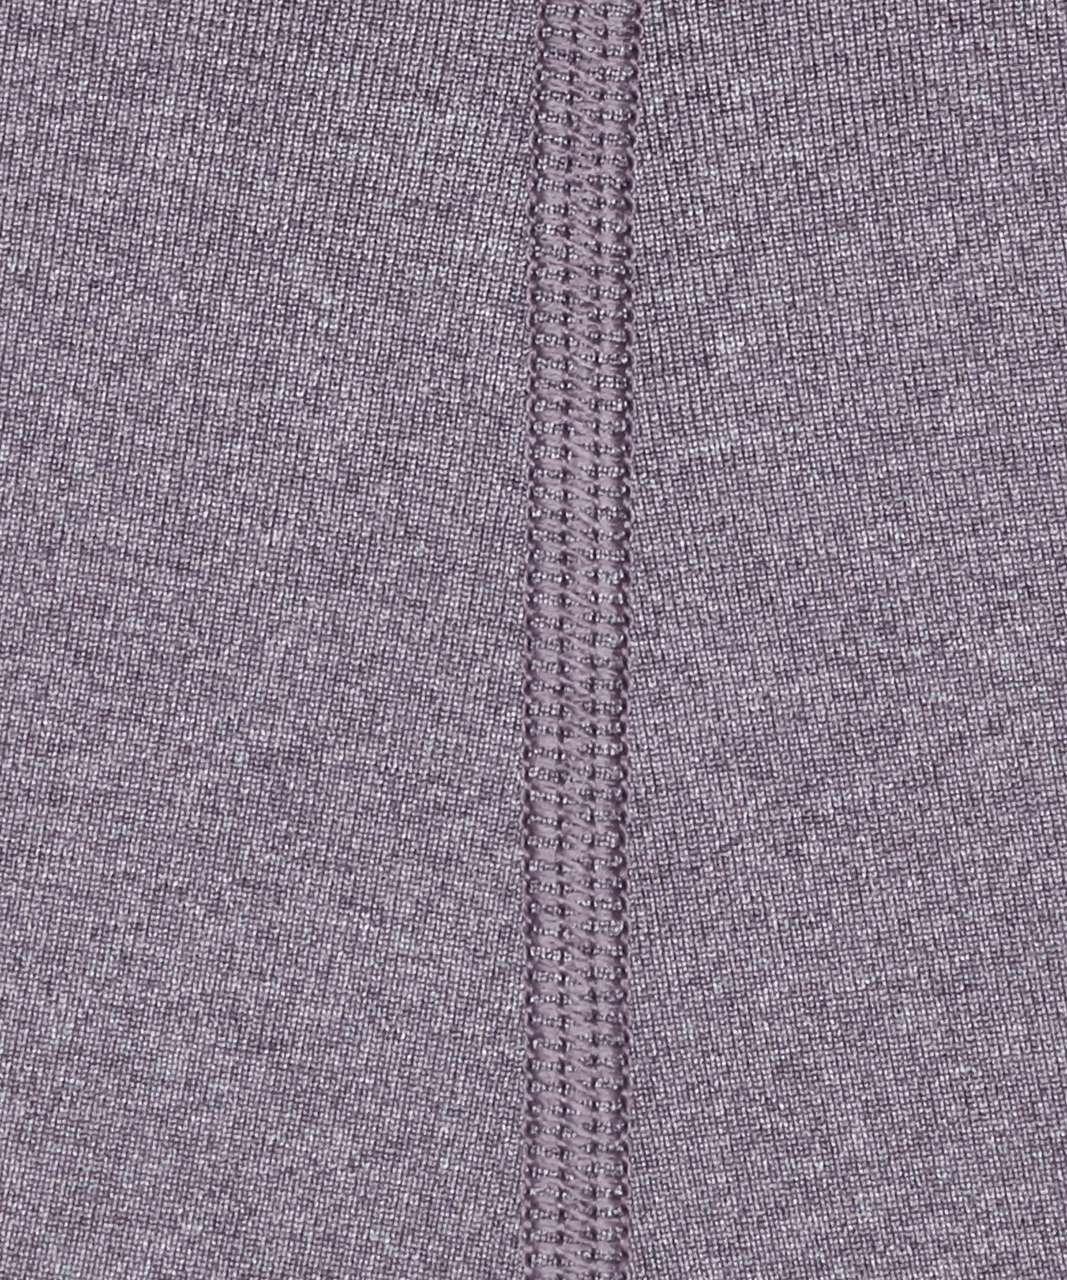 Lululemon Cool Racerback II - Heathered Graphite Purple